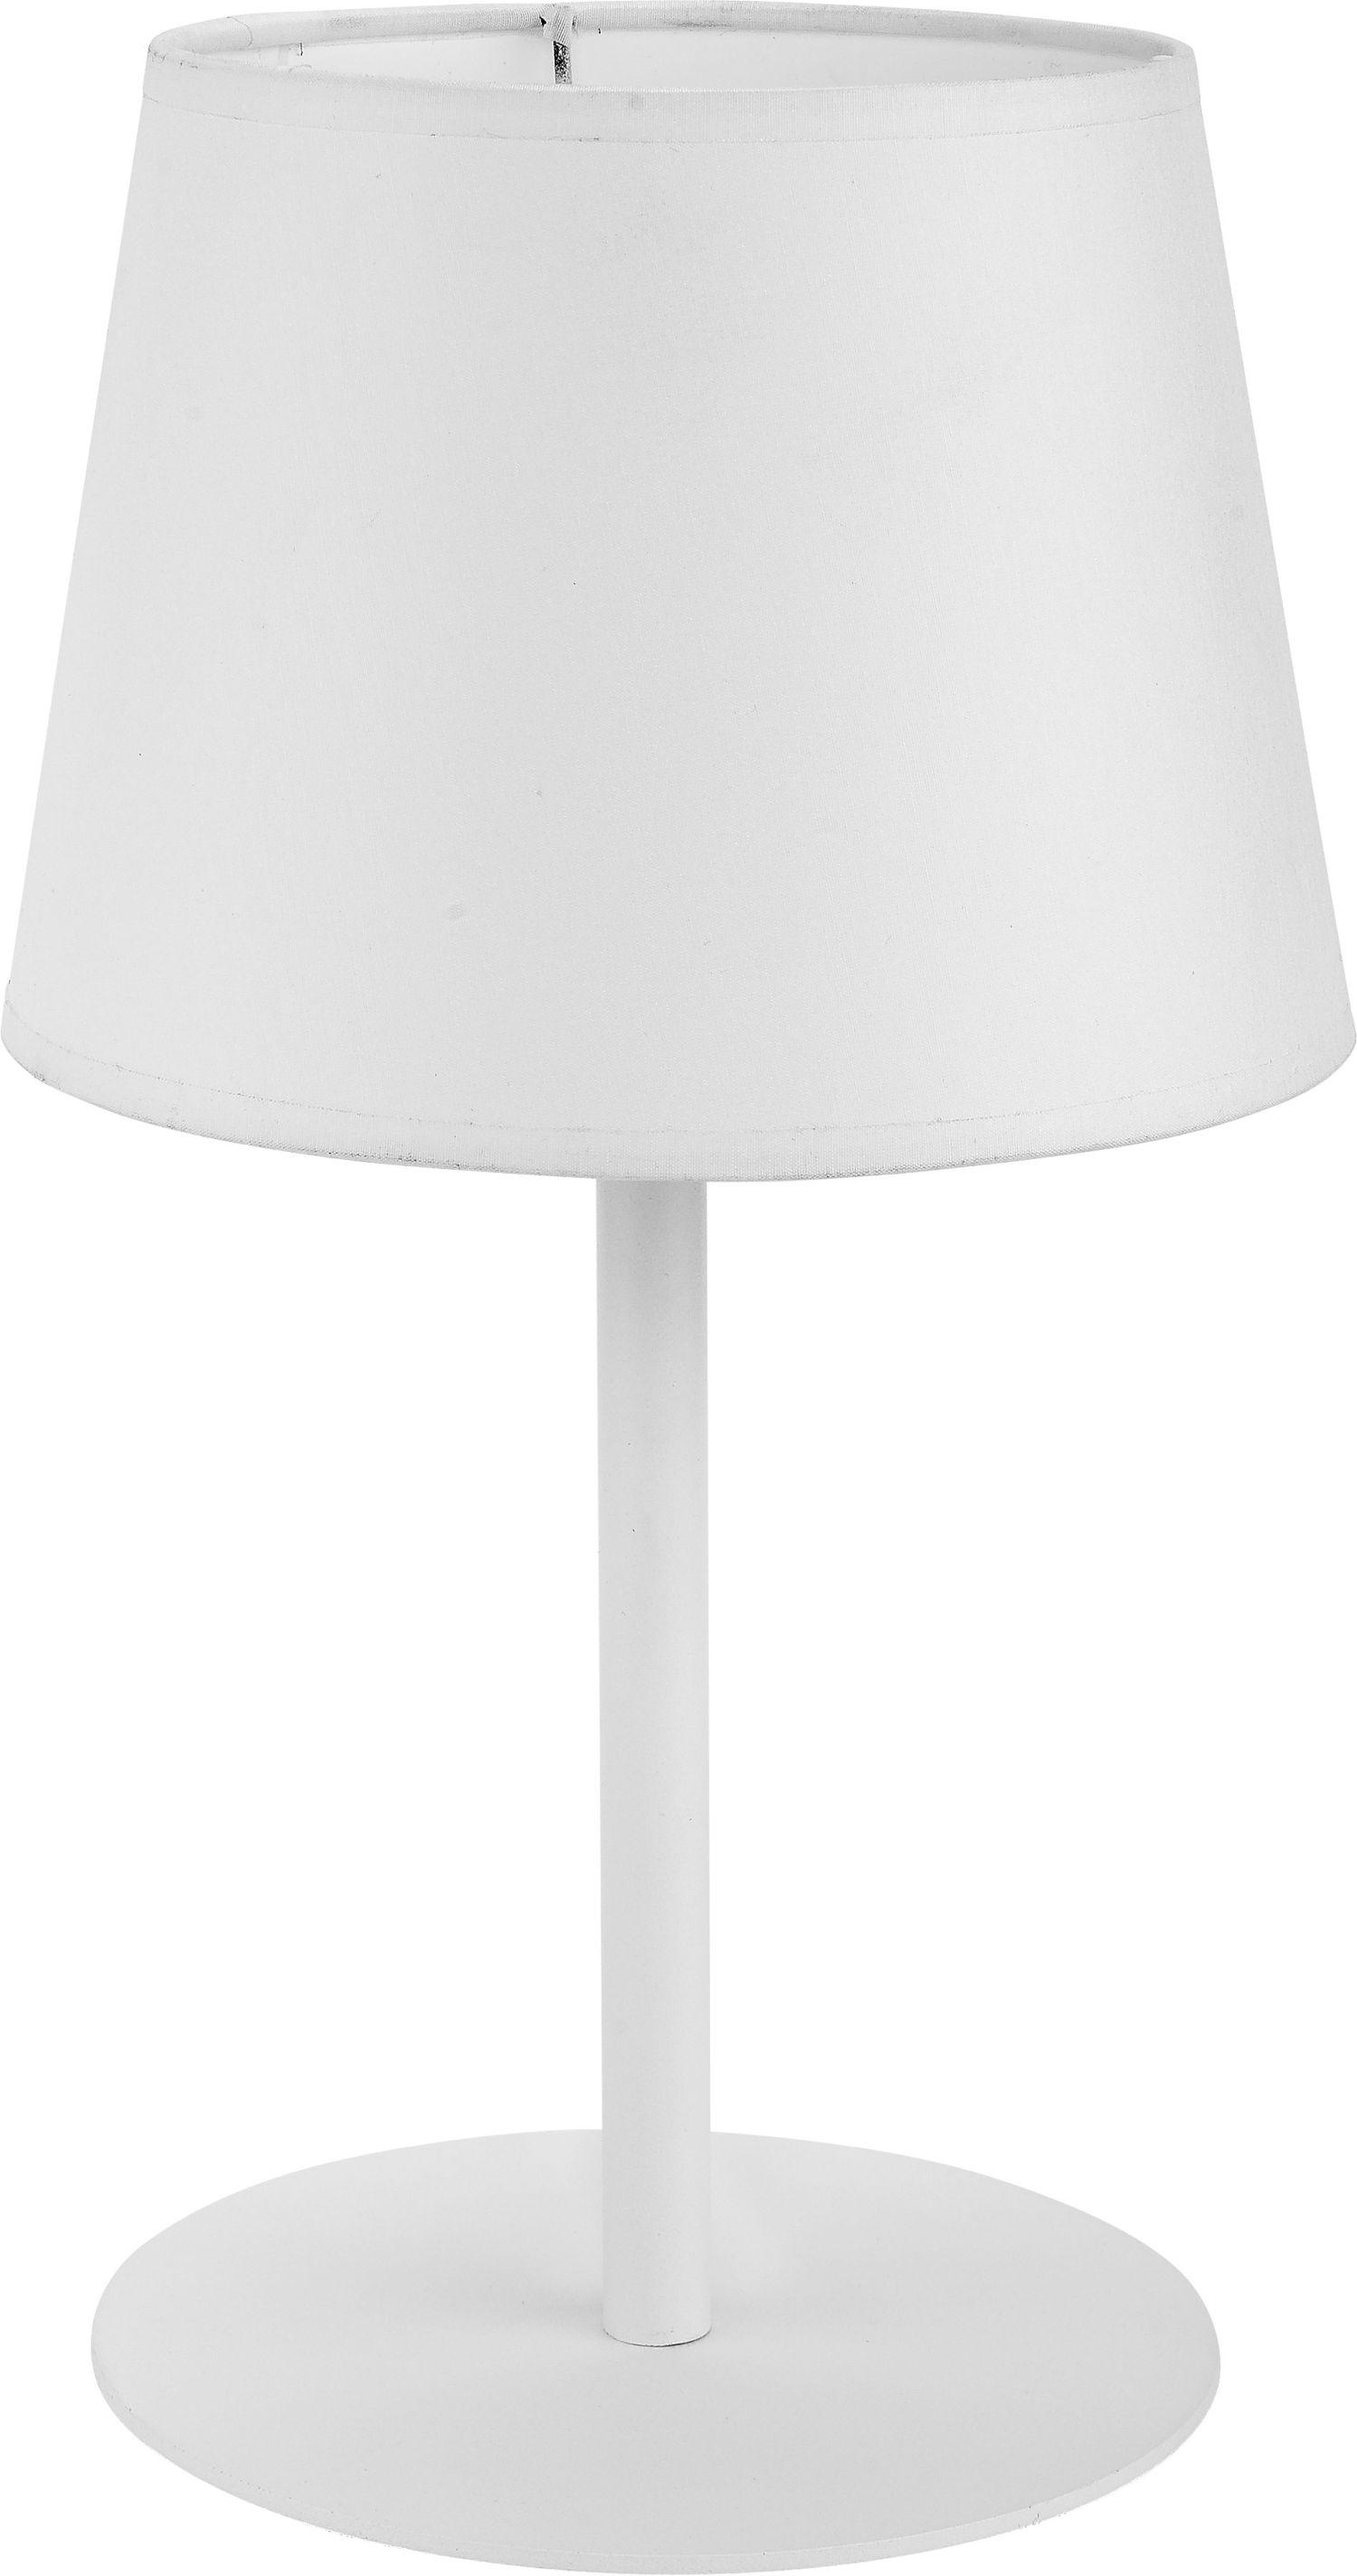 Tischleuchte Maja Weiß Modern